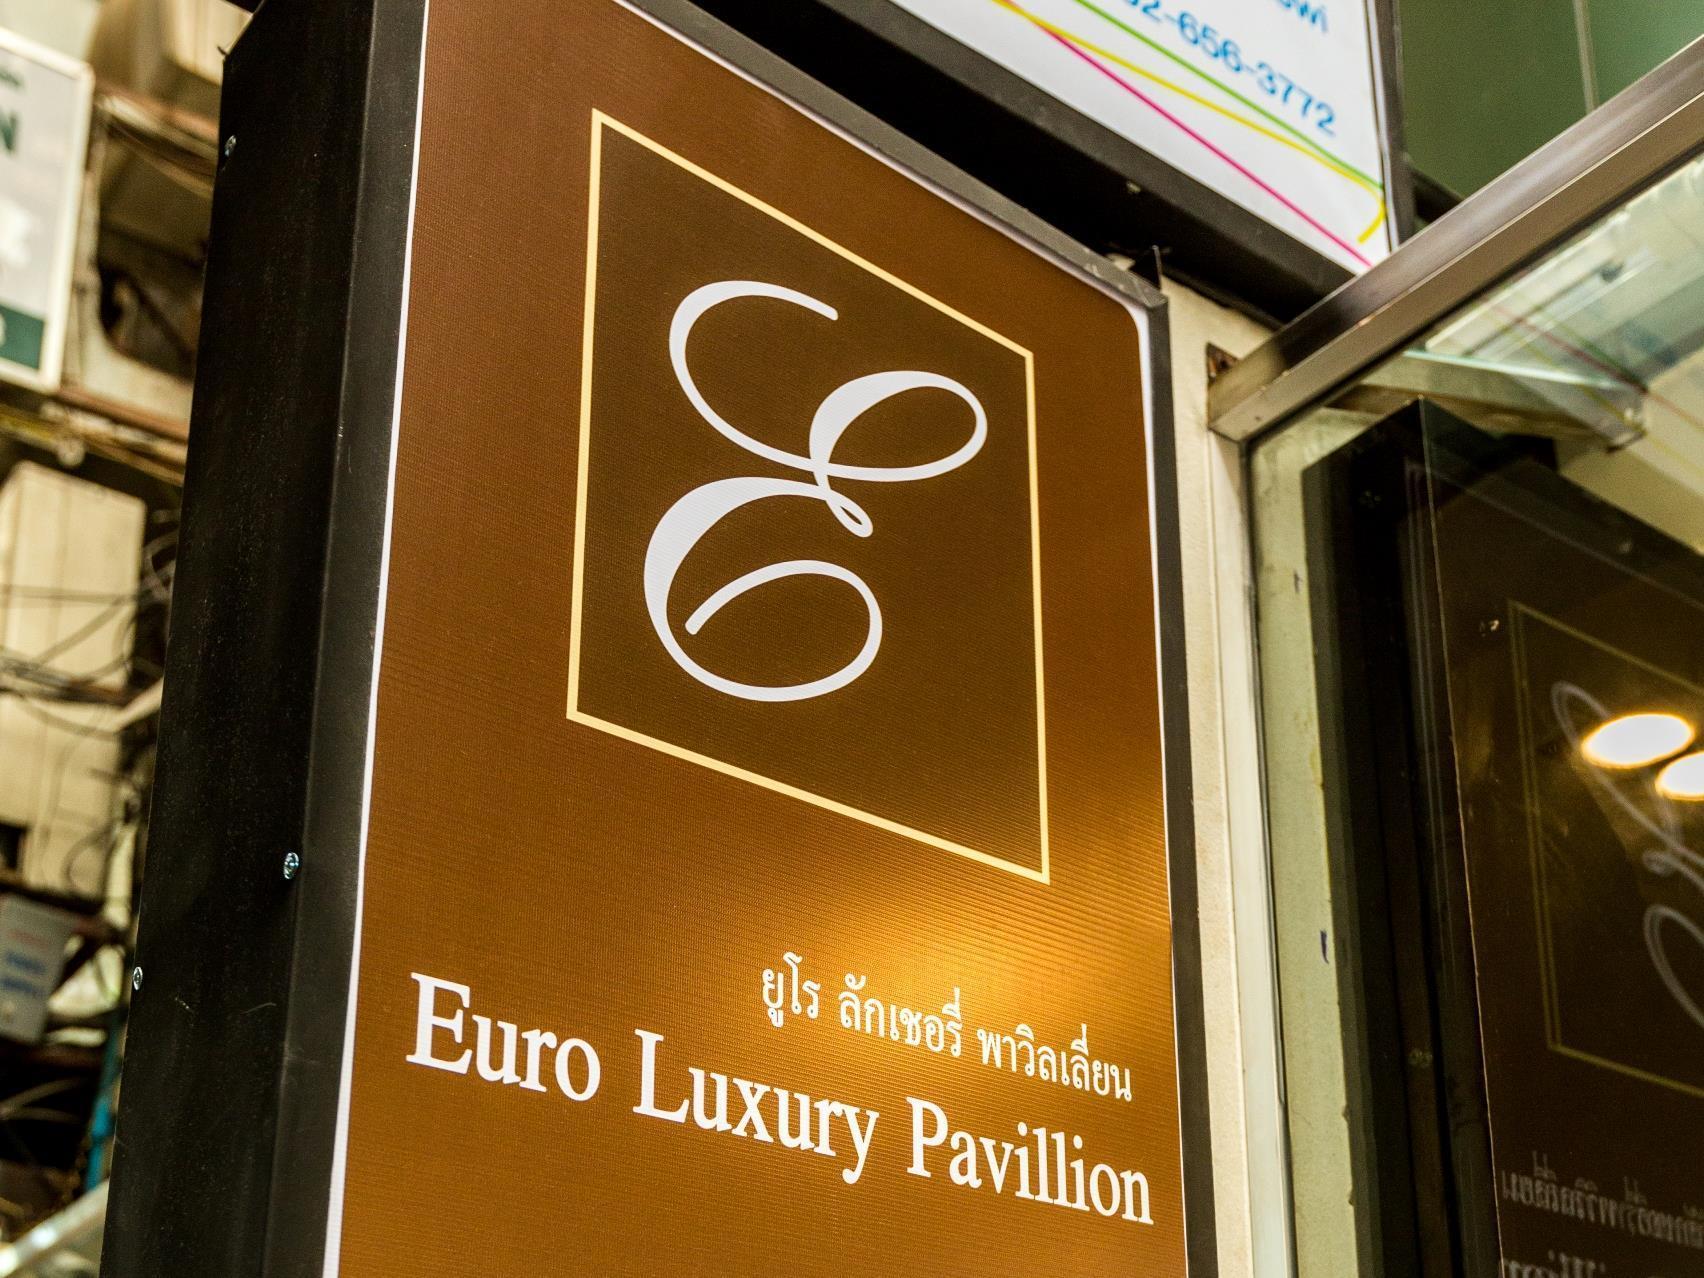 Euro Luxury Pavillion Pratunam,ยูโร ลักซัวรี พาวิลเลียน ประตูน้ำ